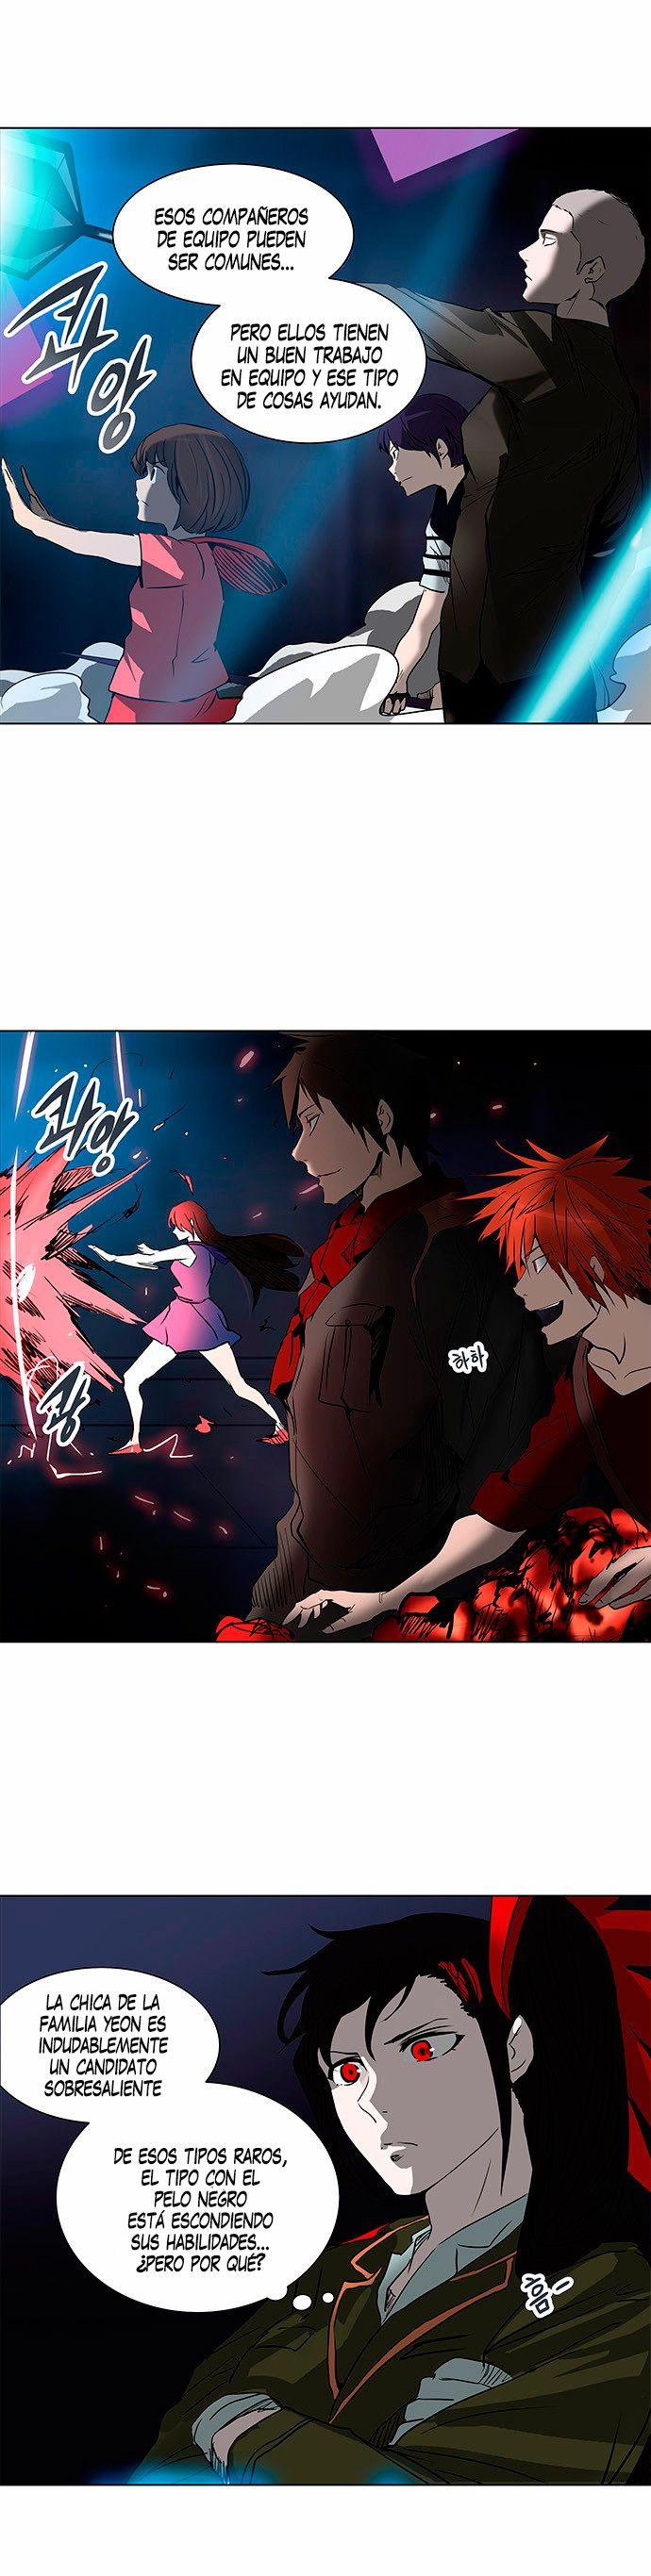 https://c5.ninemanga.com/es_manga/21/149/463066/a3149b45cbd3bf9980f7db0fca8a3094.jpg Page 40